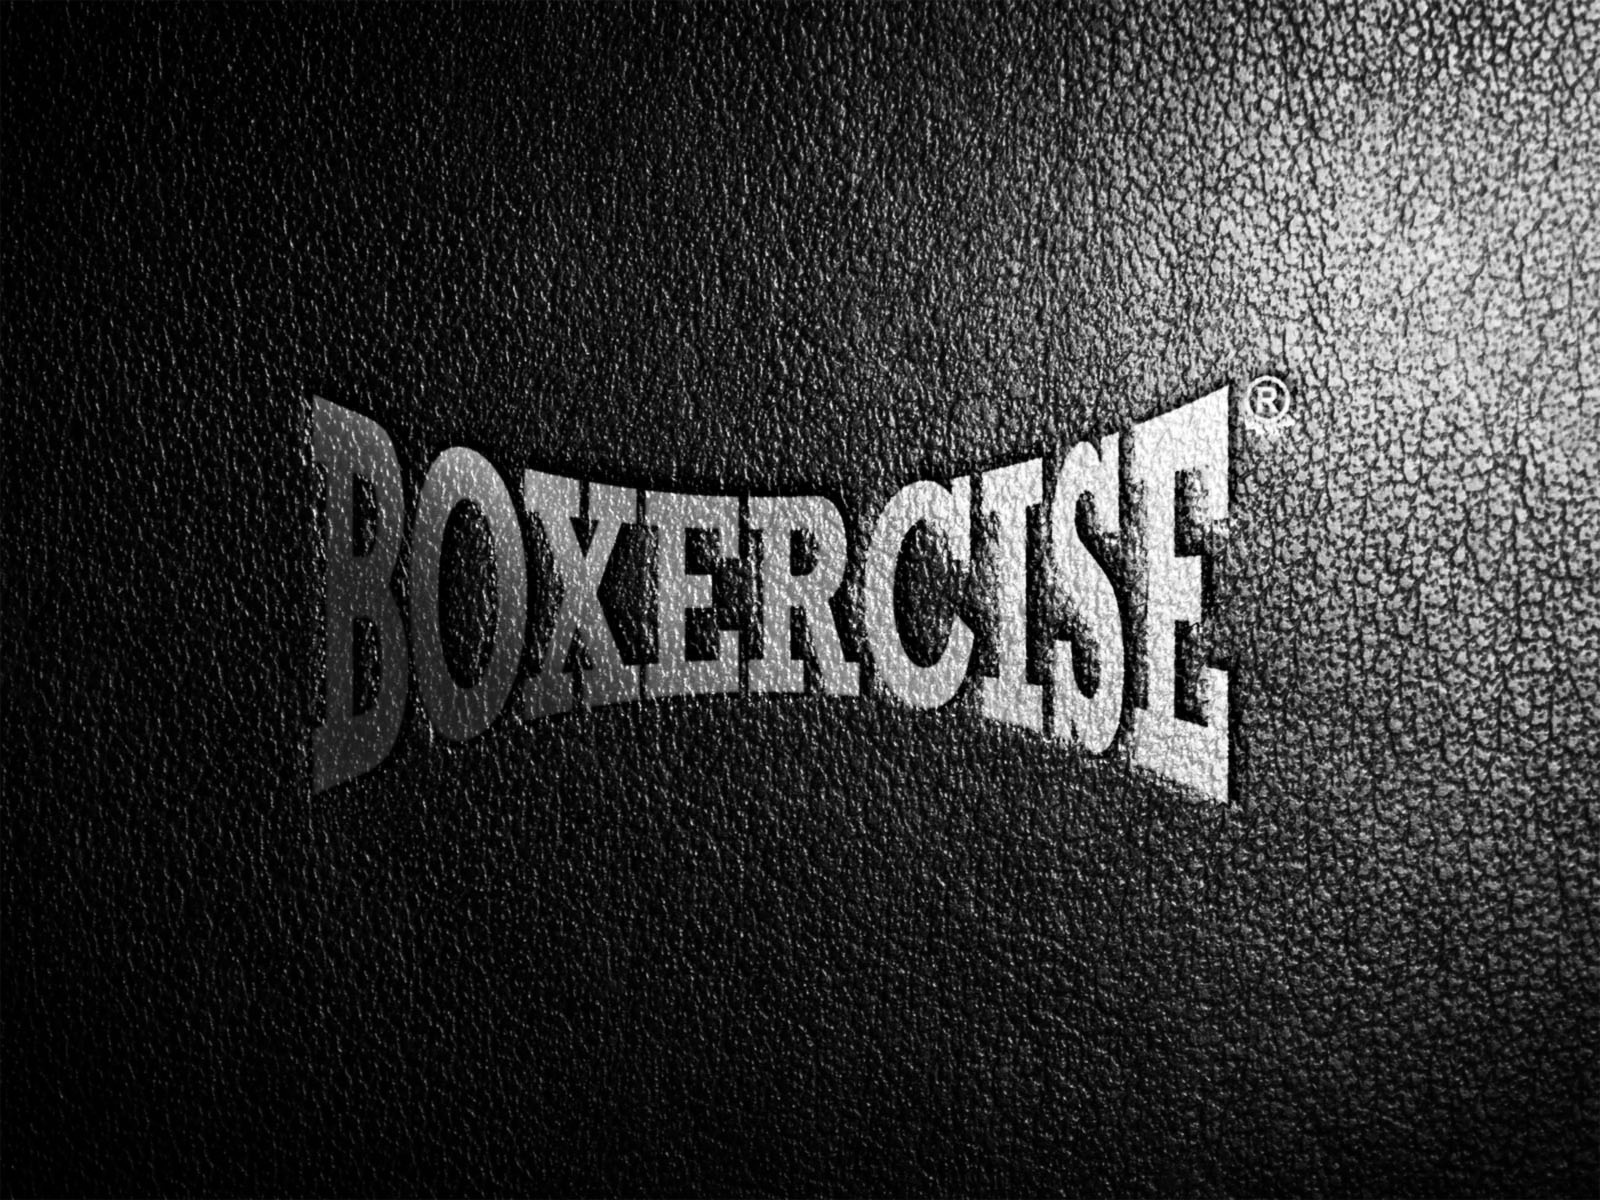 Boxercise+3D_Texture+Version+Four+%281%29.jpg